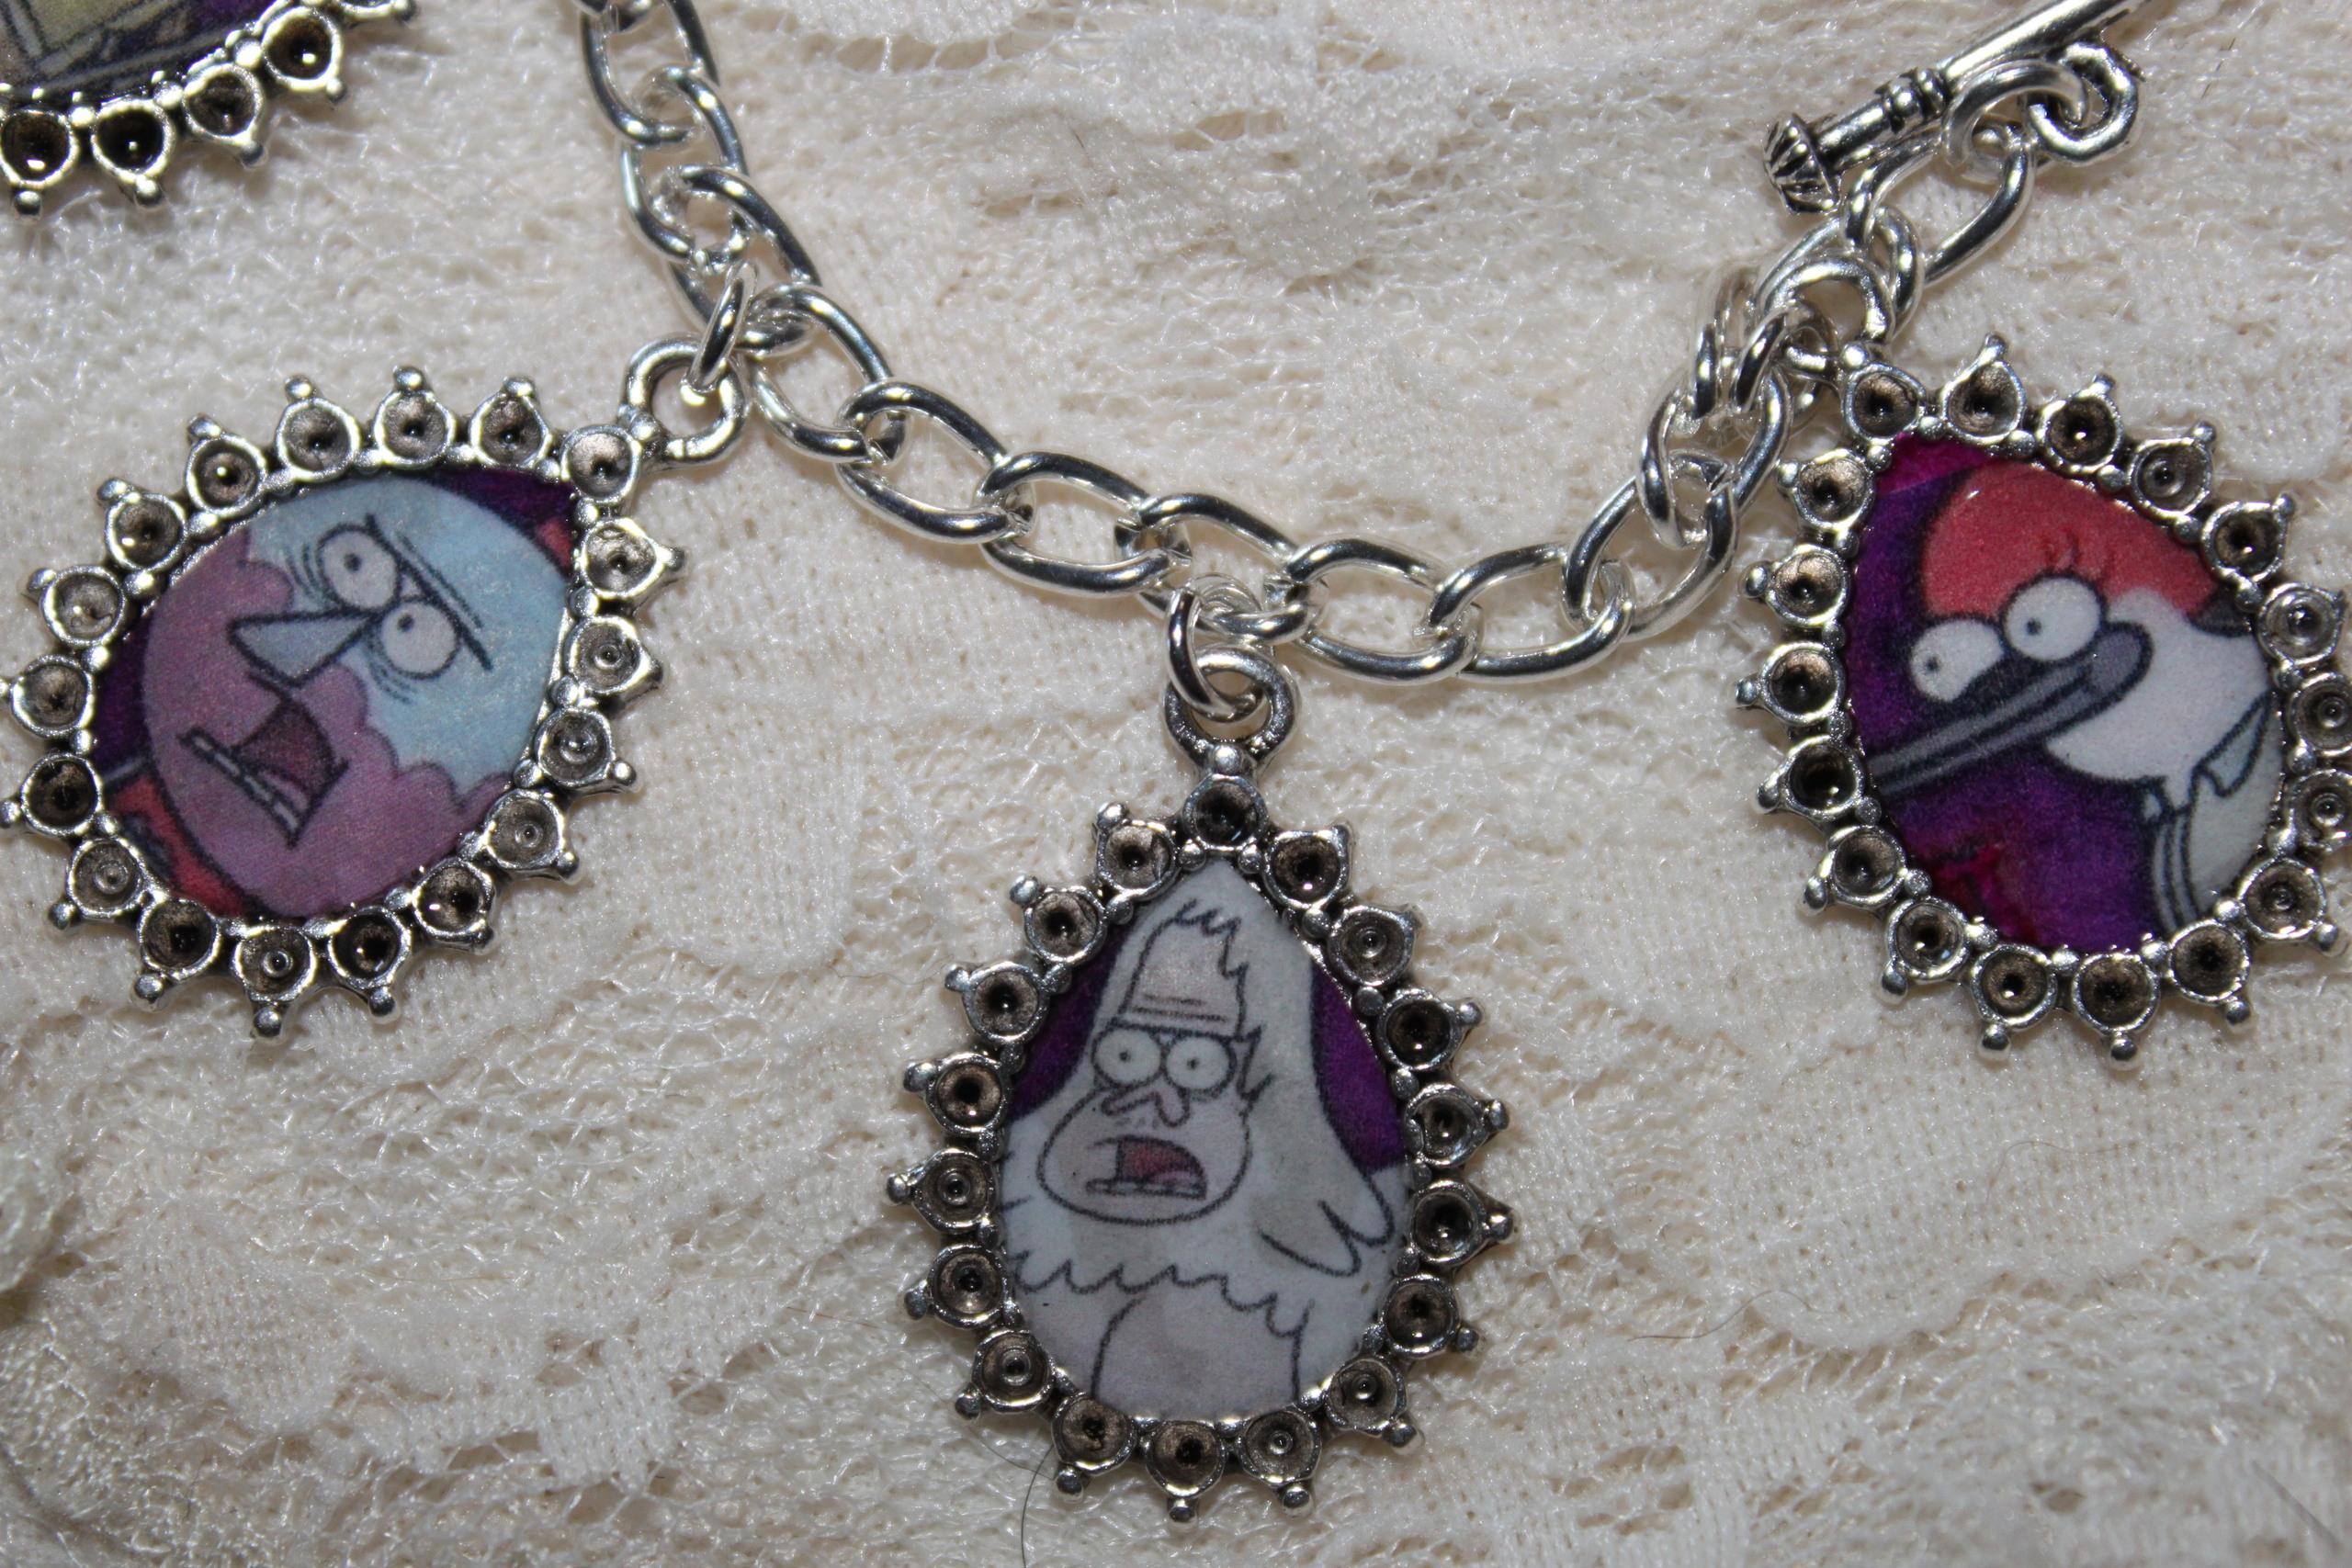 Regular Show charm bracelet